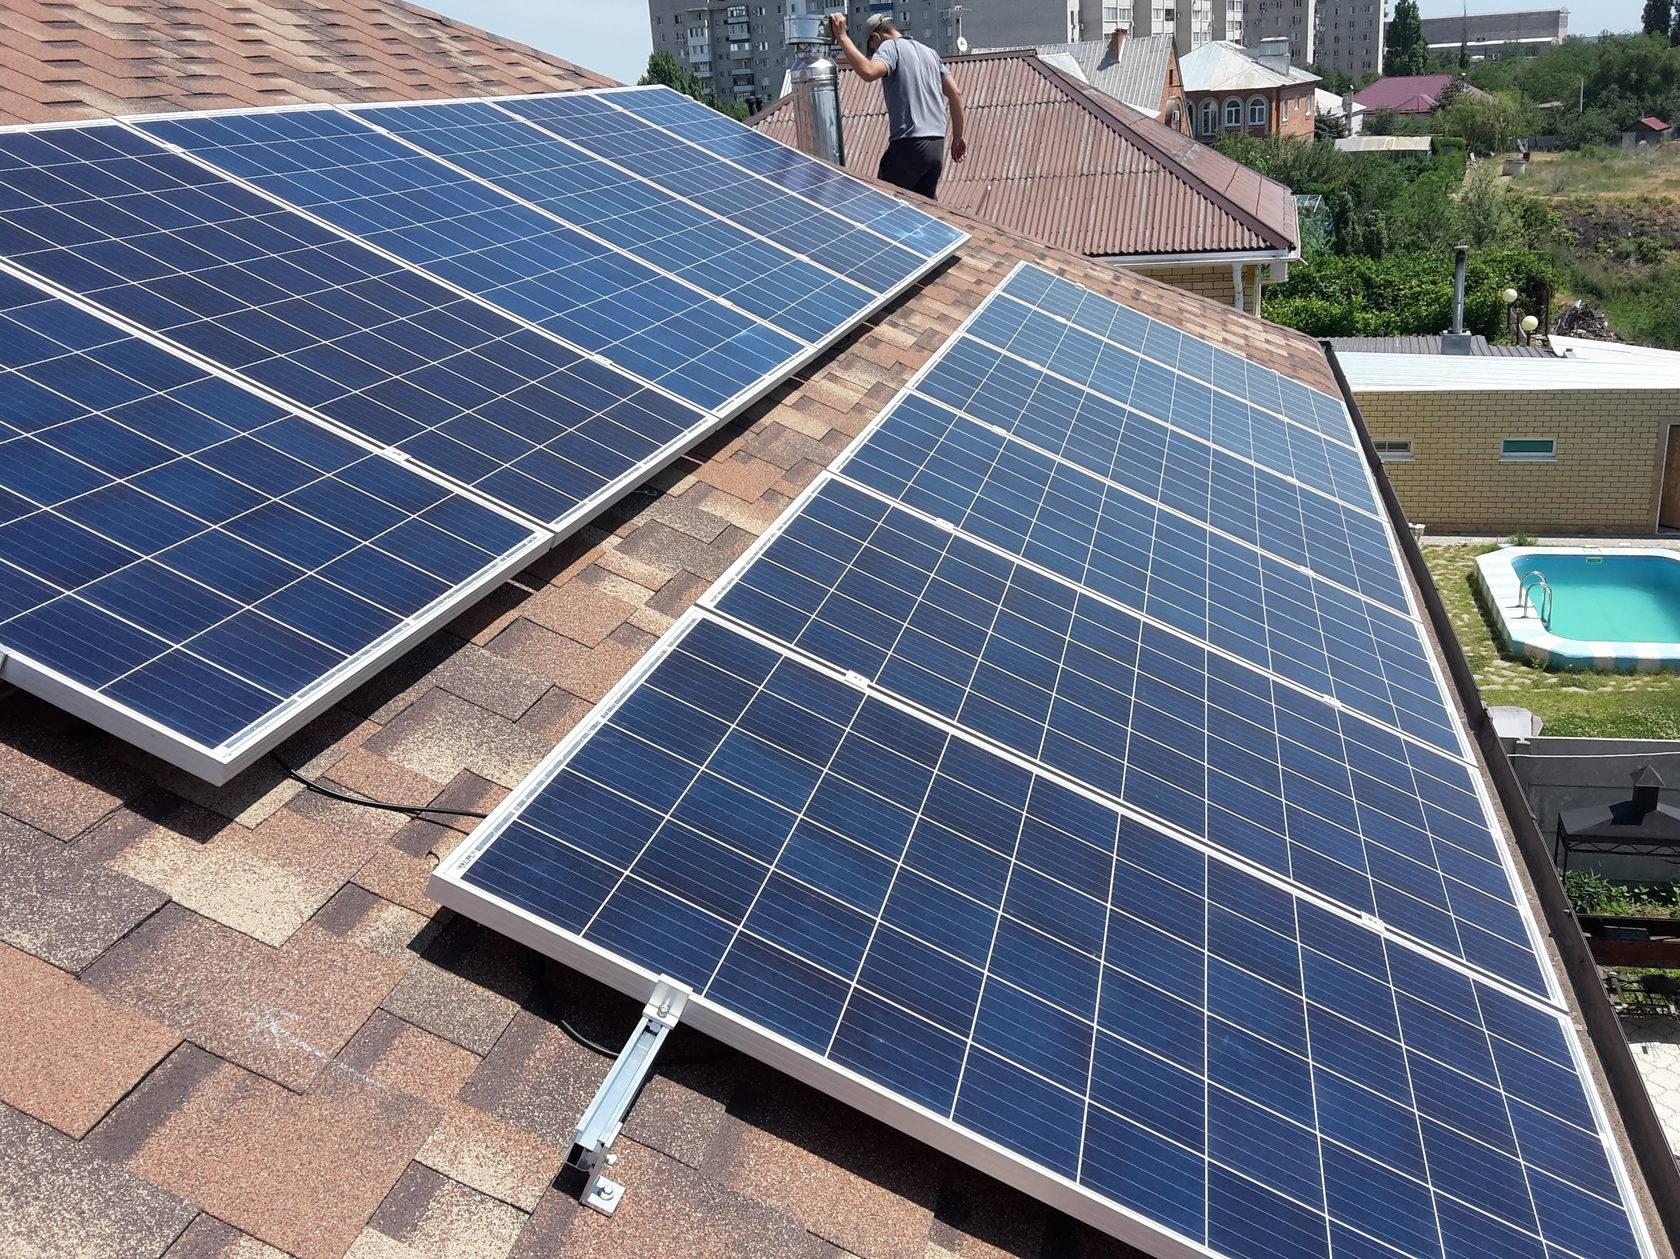 Солнечные батареи (67 фото): принцип работы панелей, готовые комплекты российского производства для частного дома